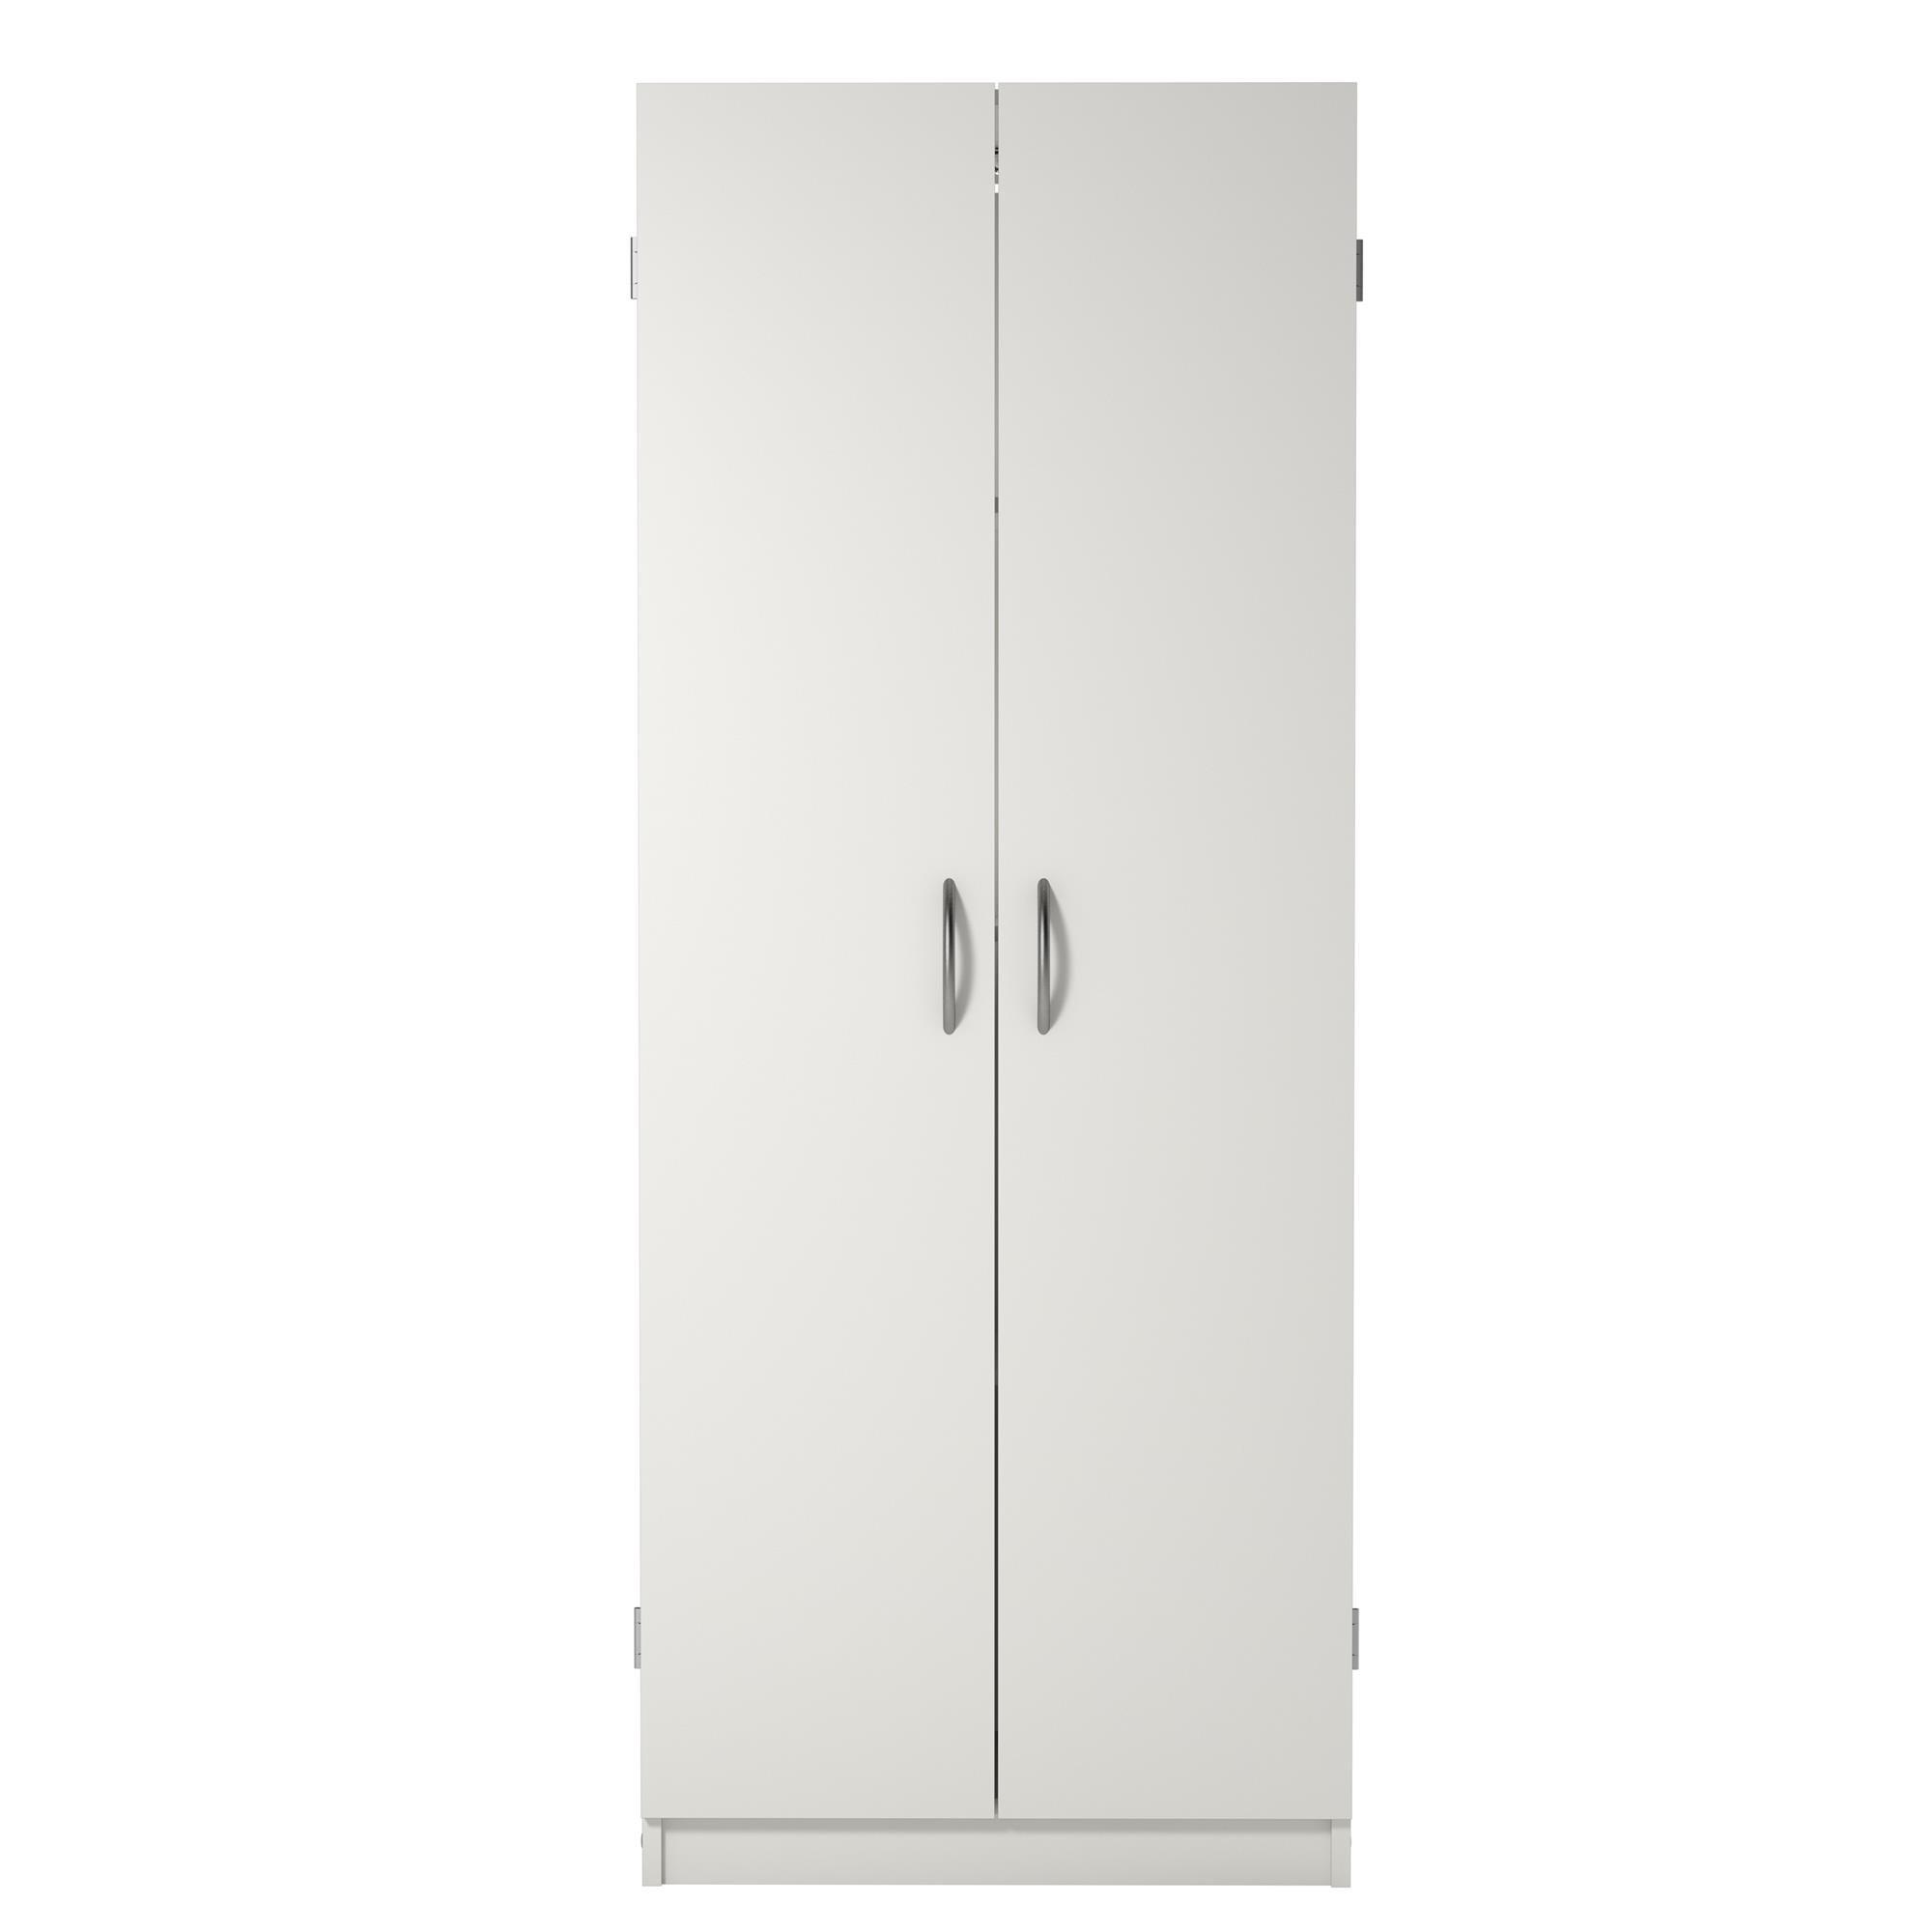 Ameriwood Basics Storage Cabinet, White Stipple